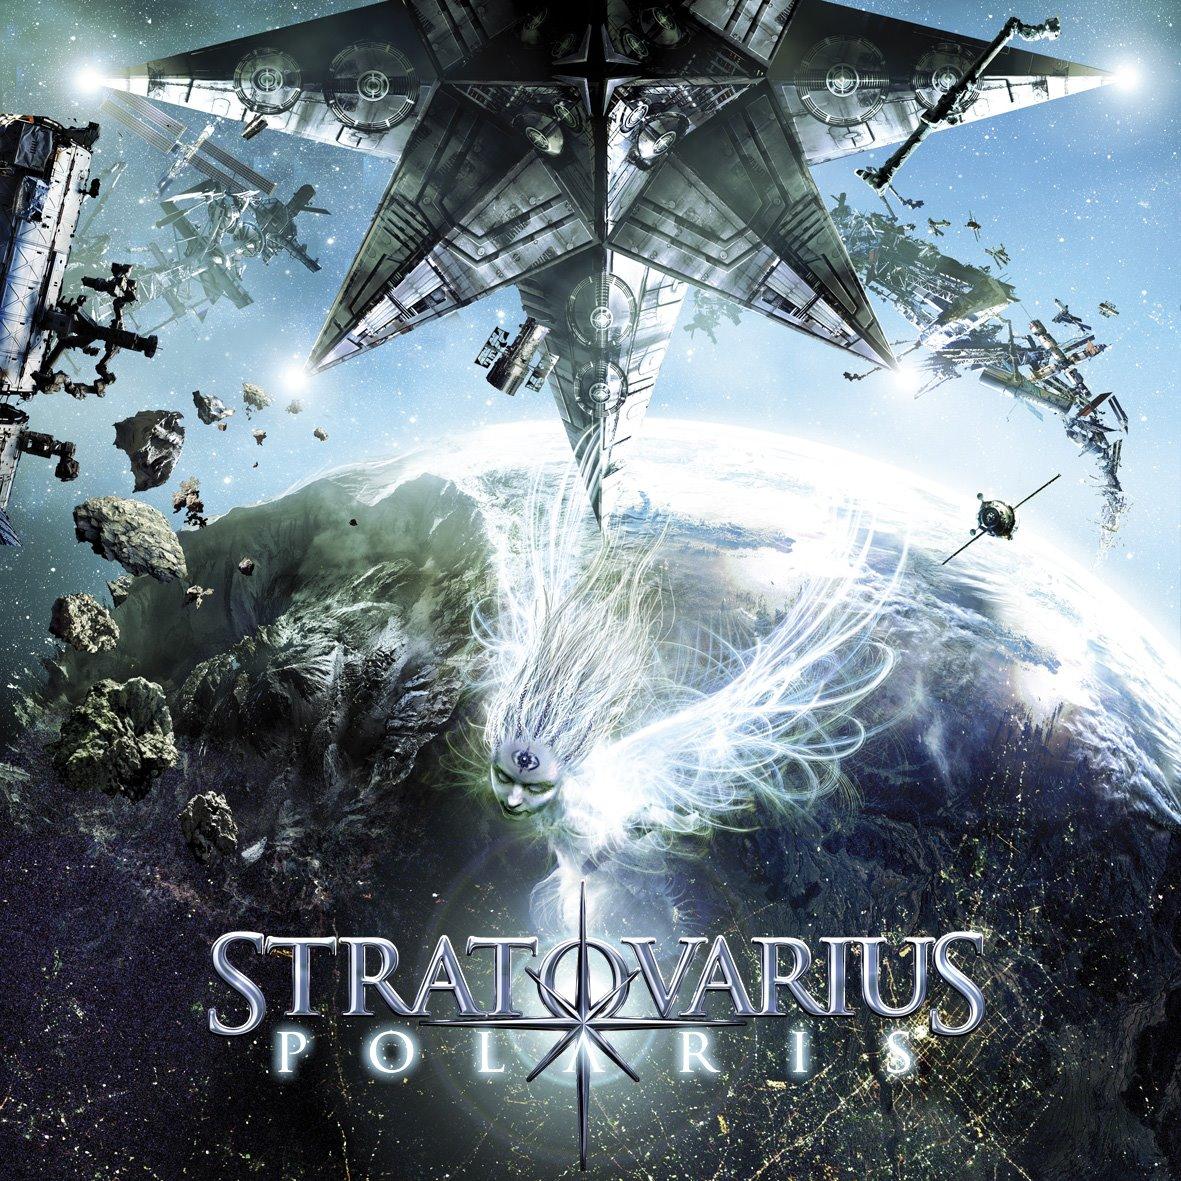 Stratovarius Nuevo Album!! Polaris... Stratovarius-Polaris_cover